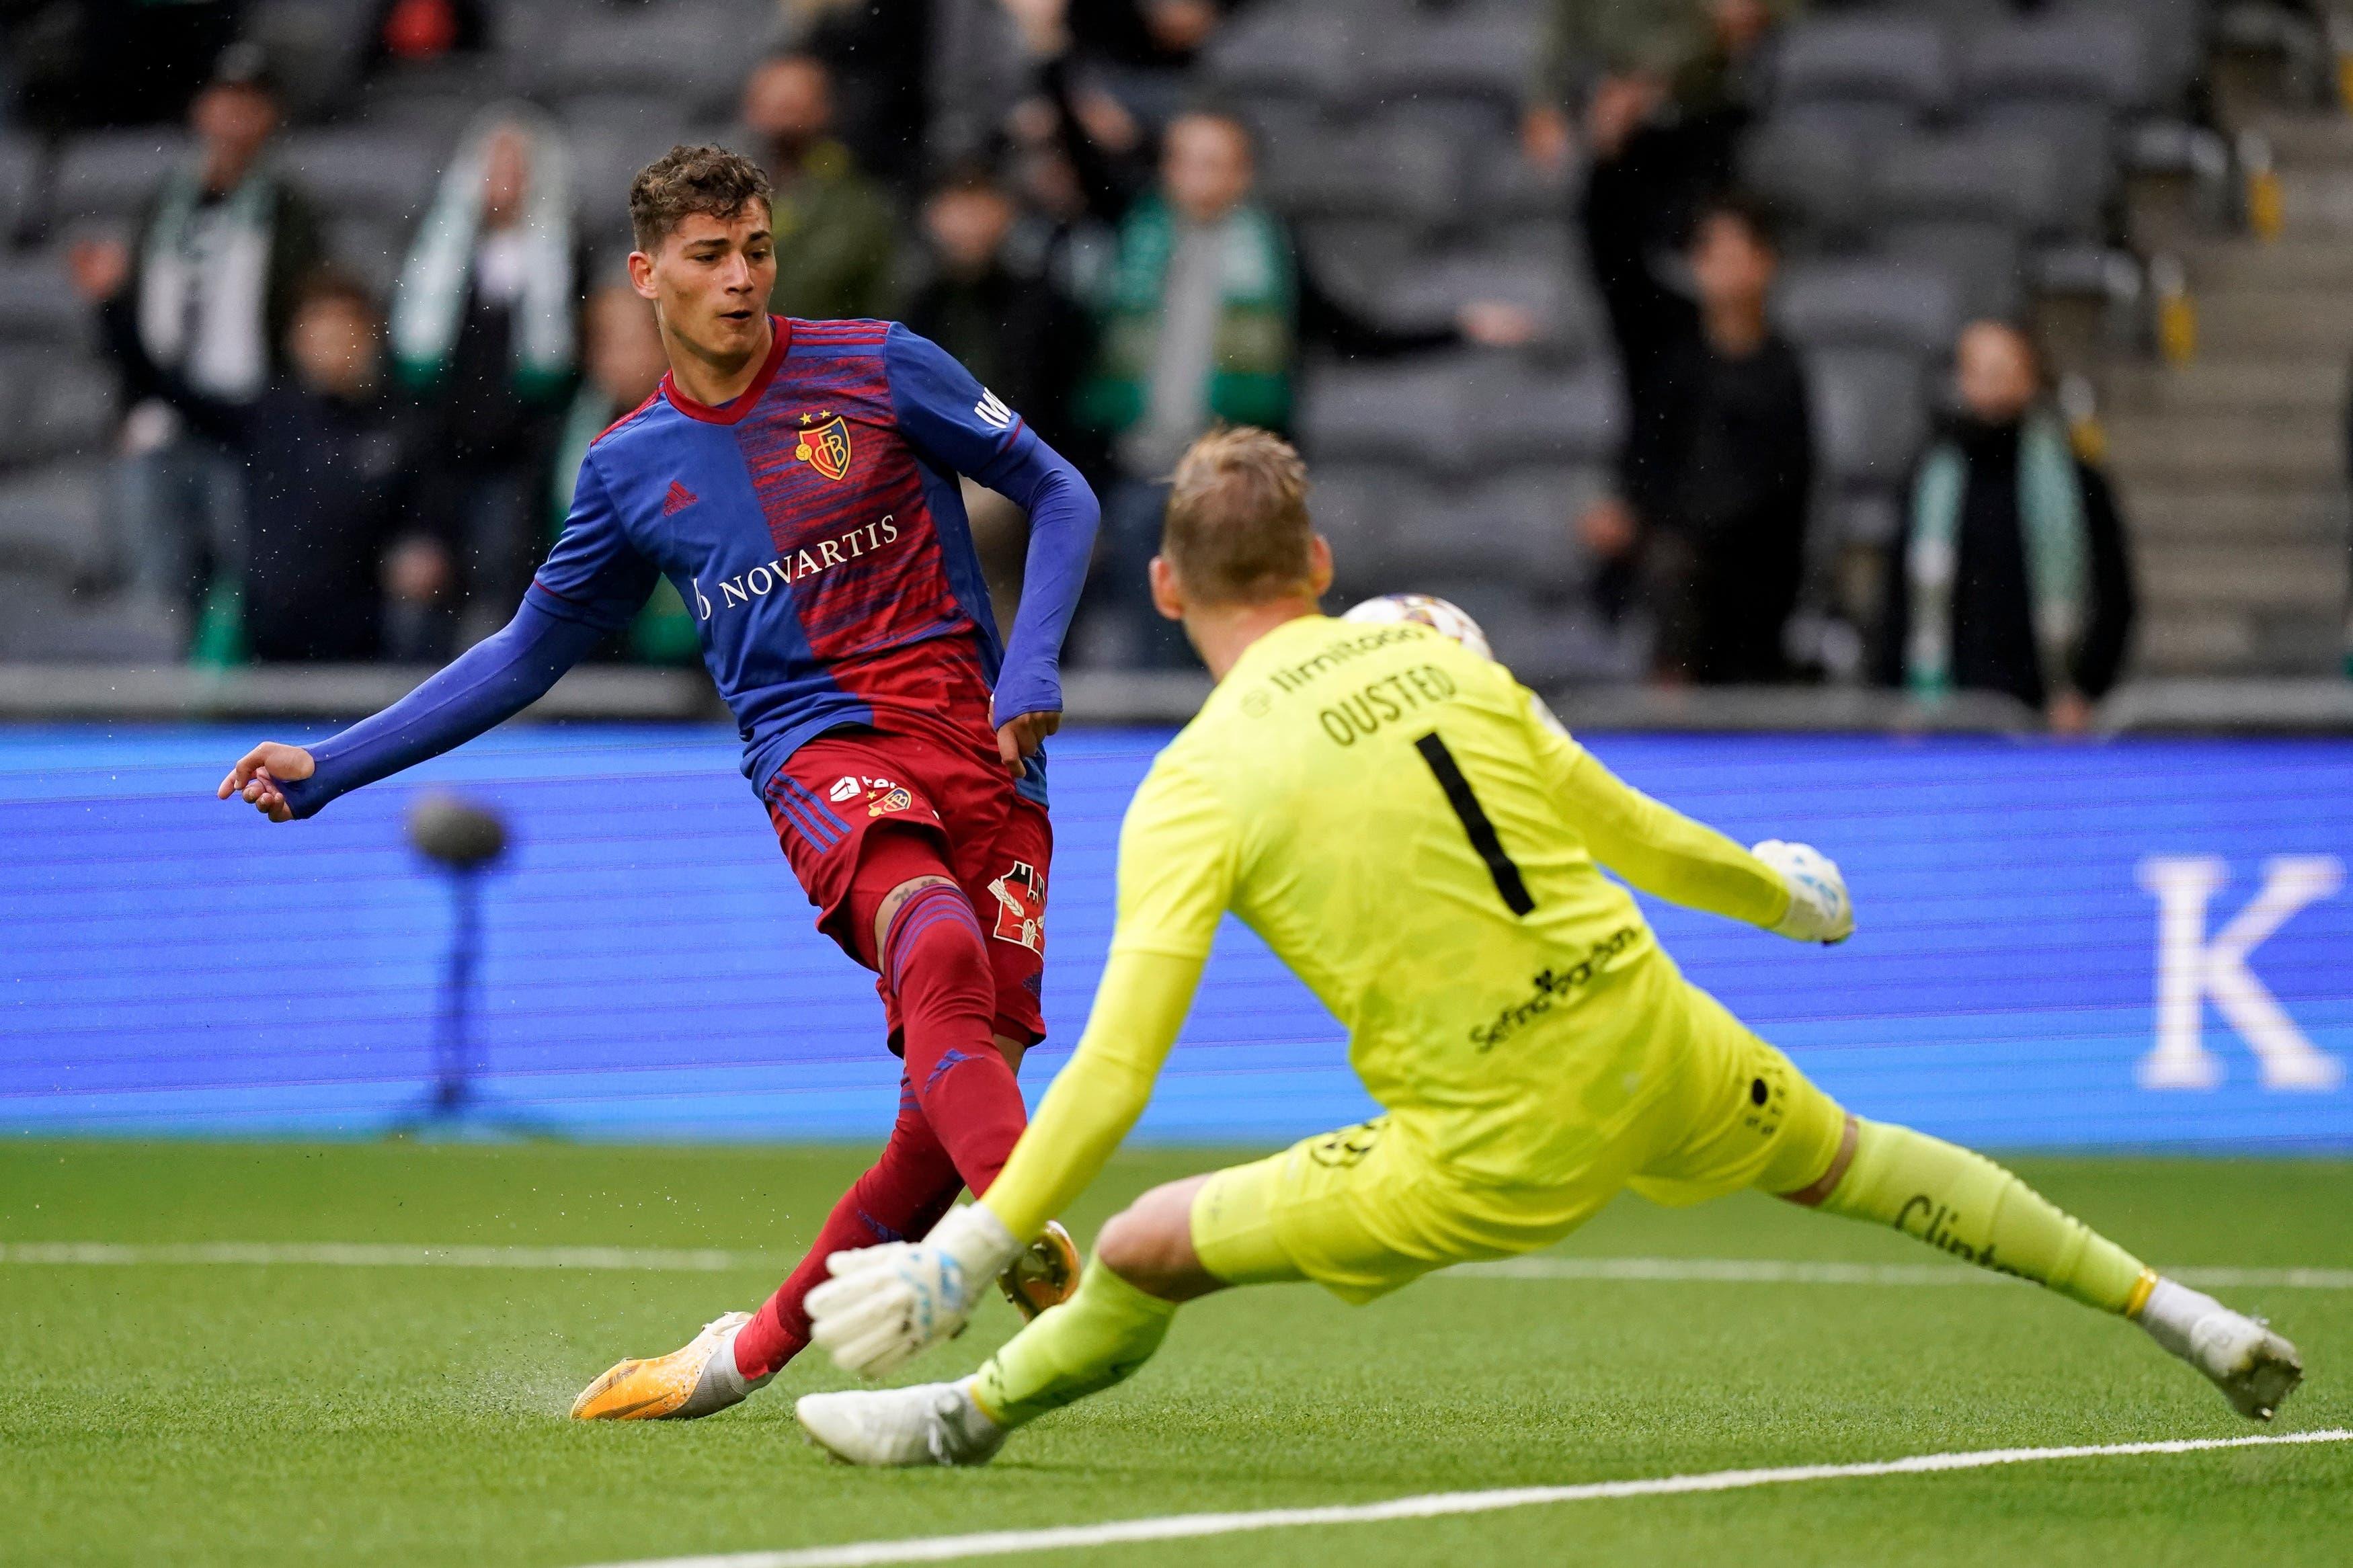 Sebastiano Esposito scheitert schon früh am schwedischen Keeper.